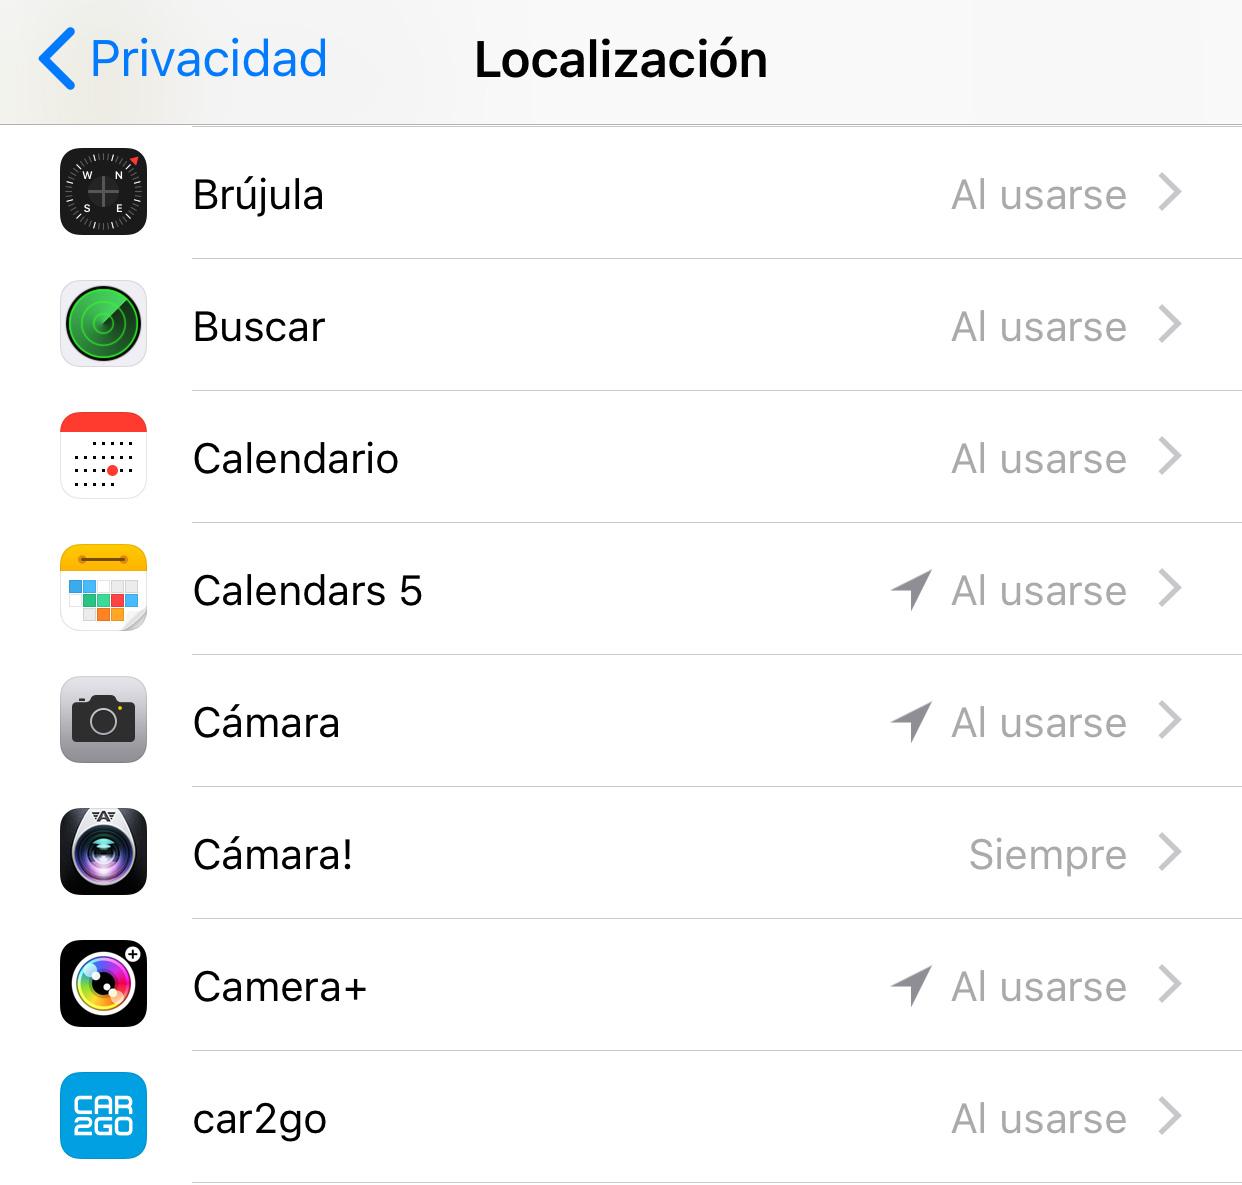 Qué Apps utilizan localización en segundo plano